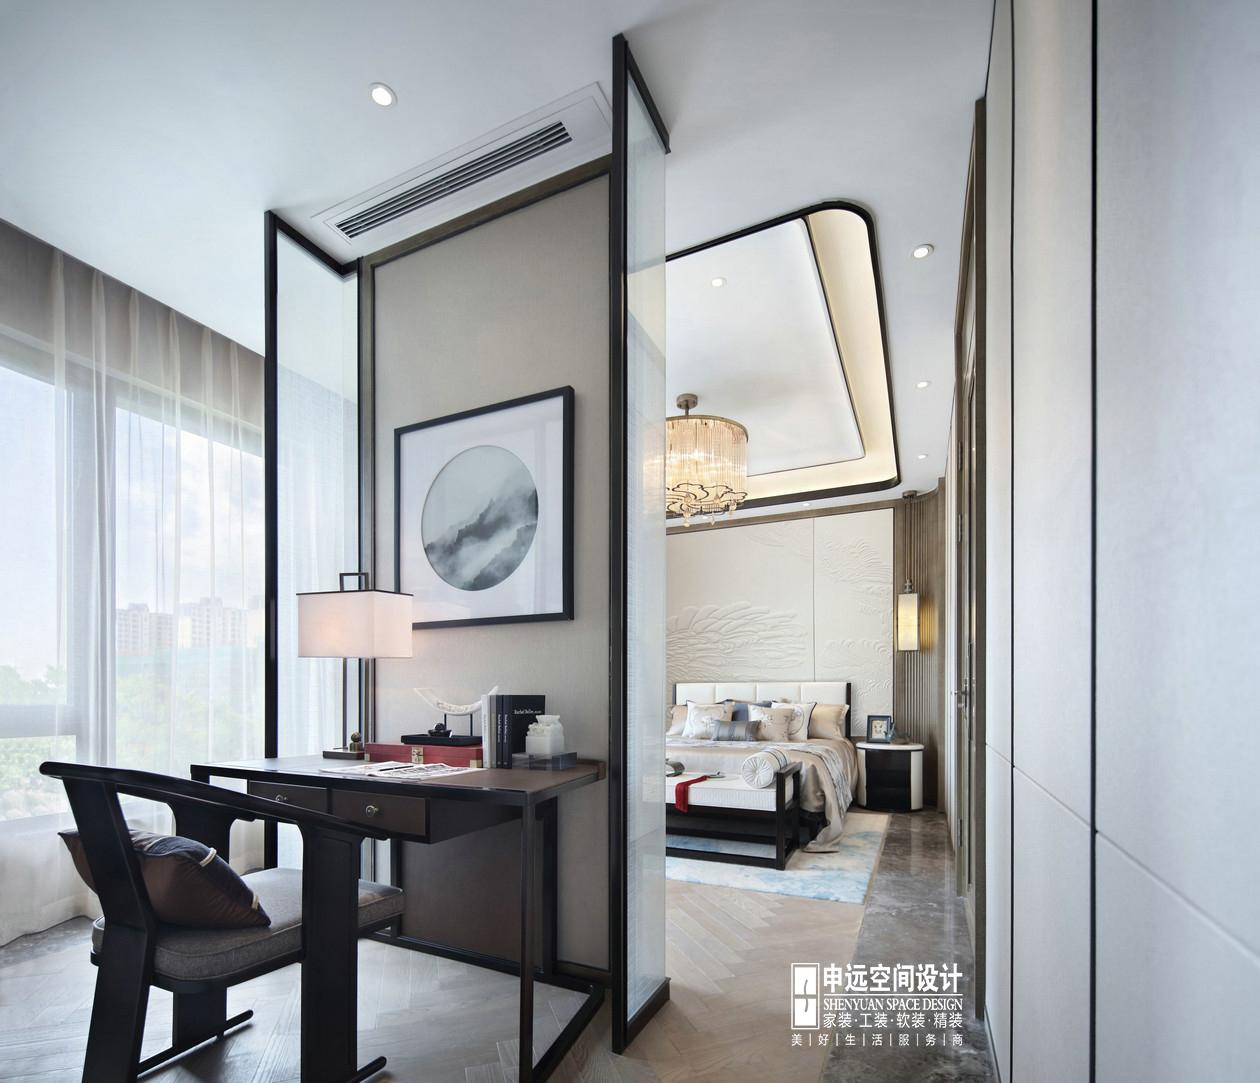 别墅 北京申远 申远设计 新中式 卧室图片来自申远空间设计北京分公司在北京申远空间设计-新中式风格的分享